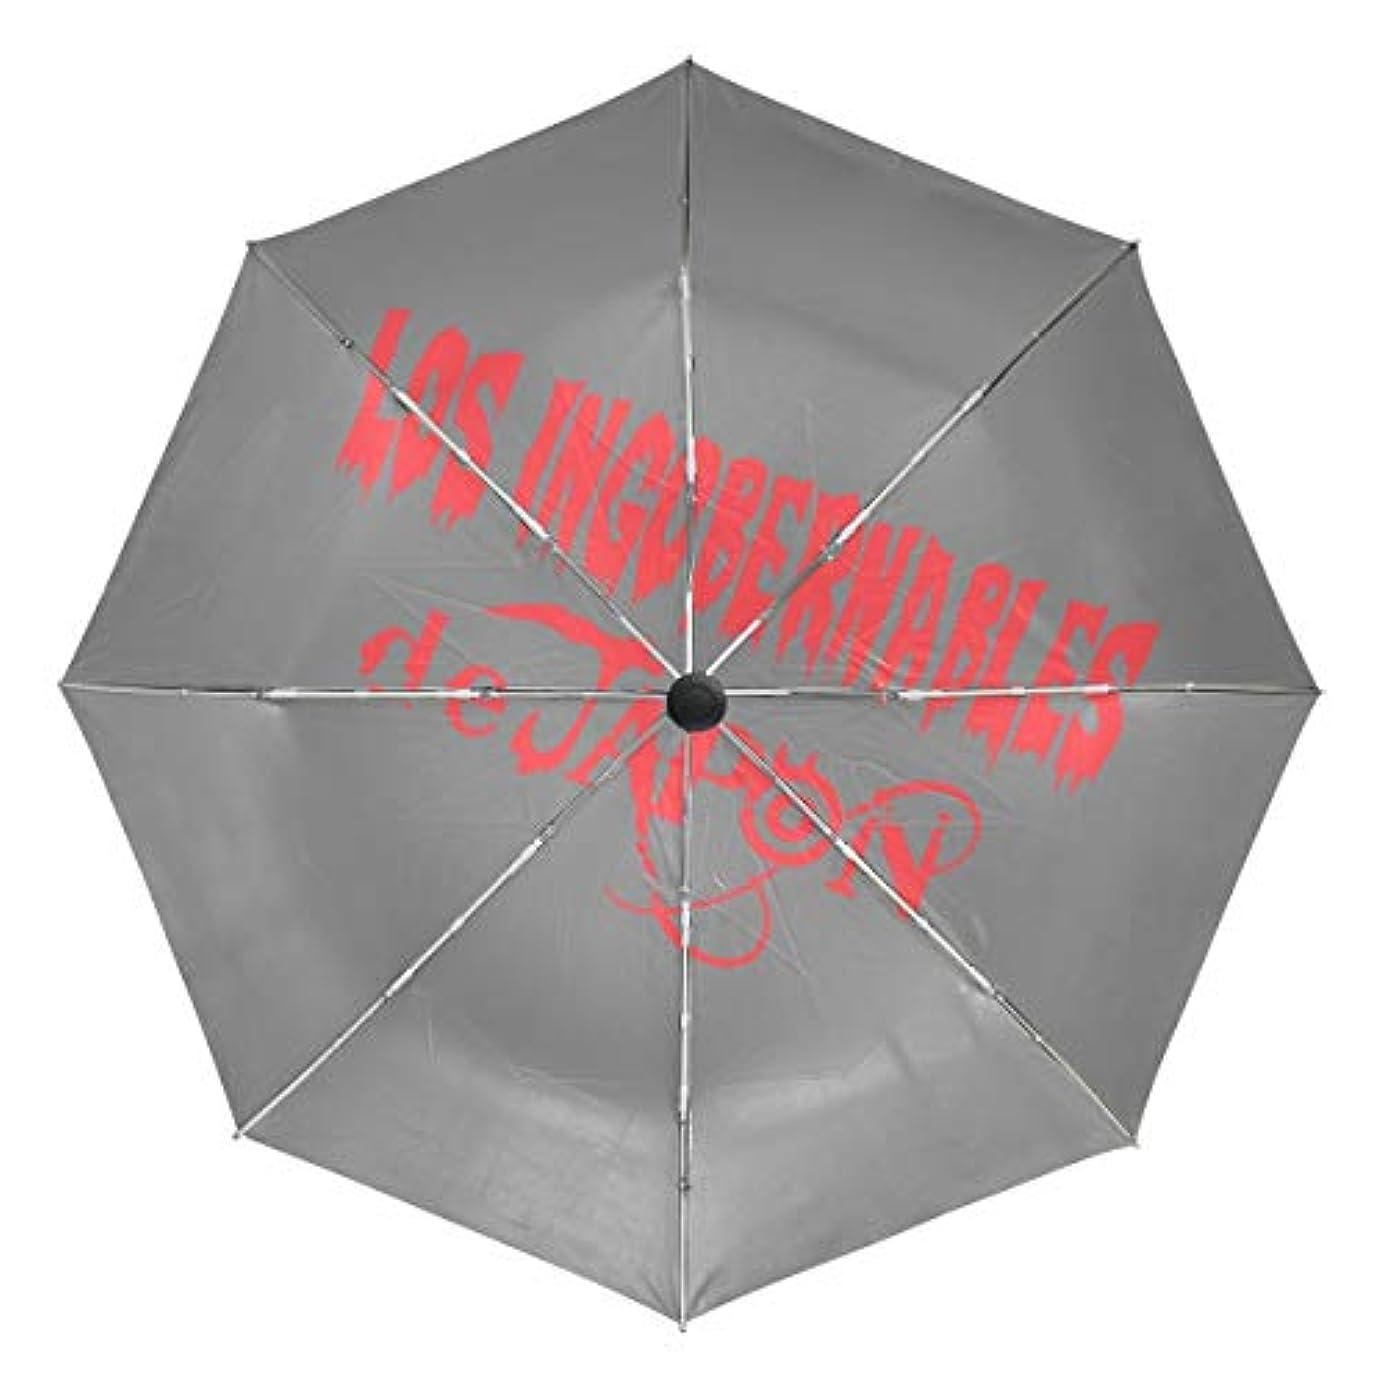 方程式火星接地傘 自動傘 丈夫 台風対策 雨傘 日傘 ロスインゴベルナブレスデハポン 三つ折り傘 日よけ傘 日焼け止め 折りたたみ傘 UVカット 紫外線カット 自動開閉 晴雨兼用 梅雨対策